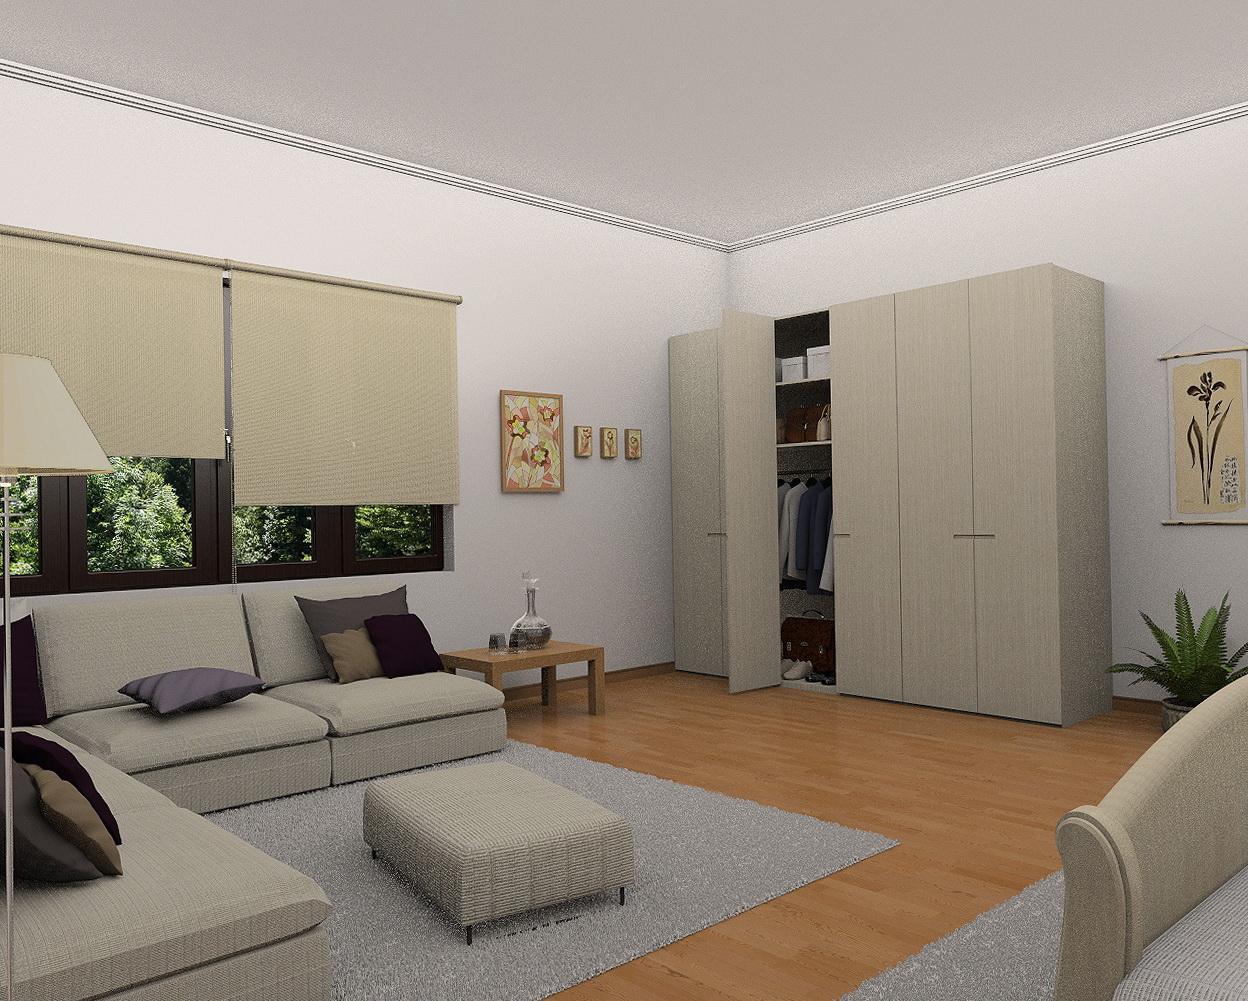 Closet design tools online free home design ideas for Closet design tool free